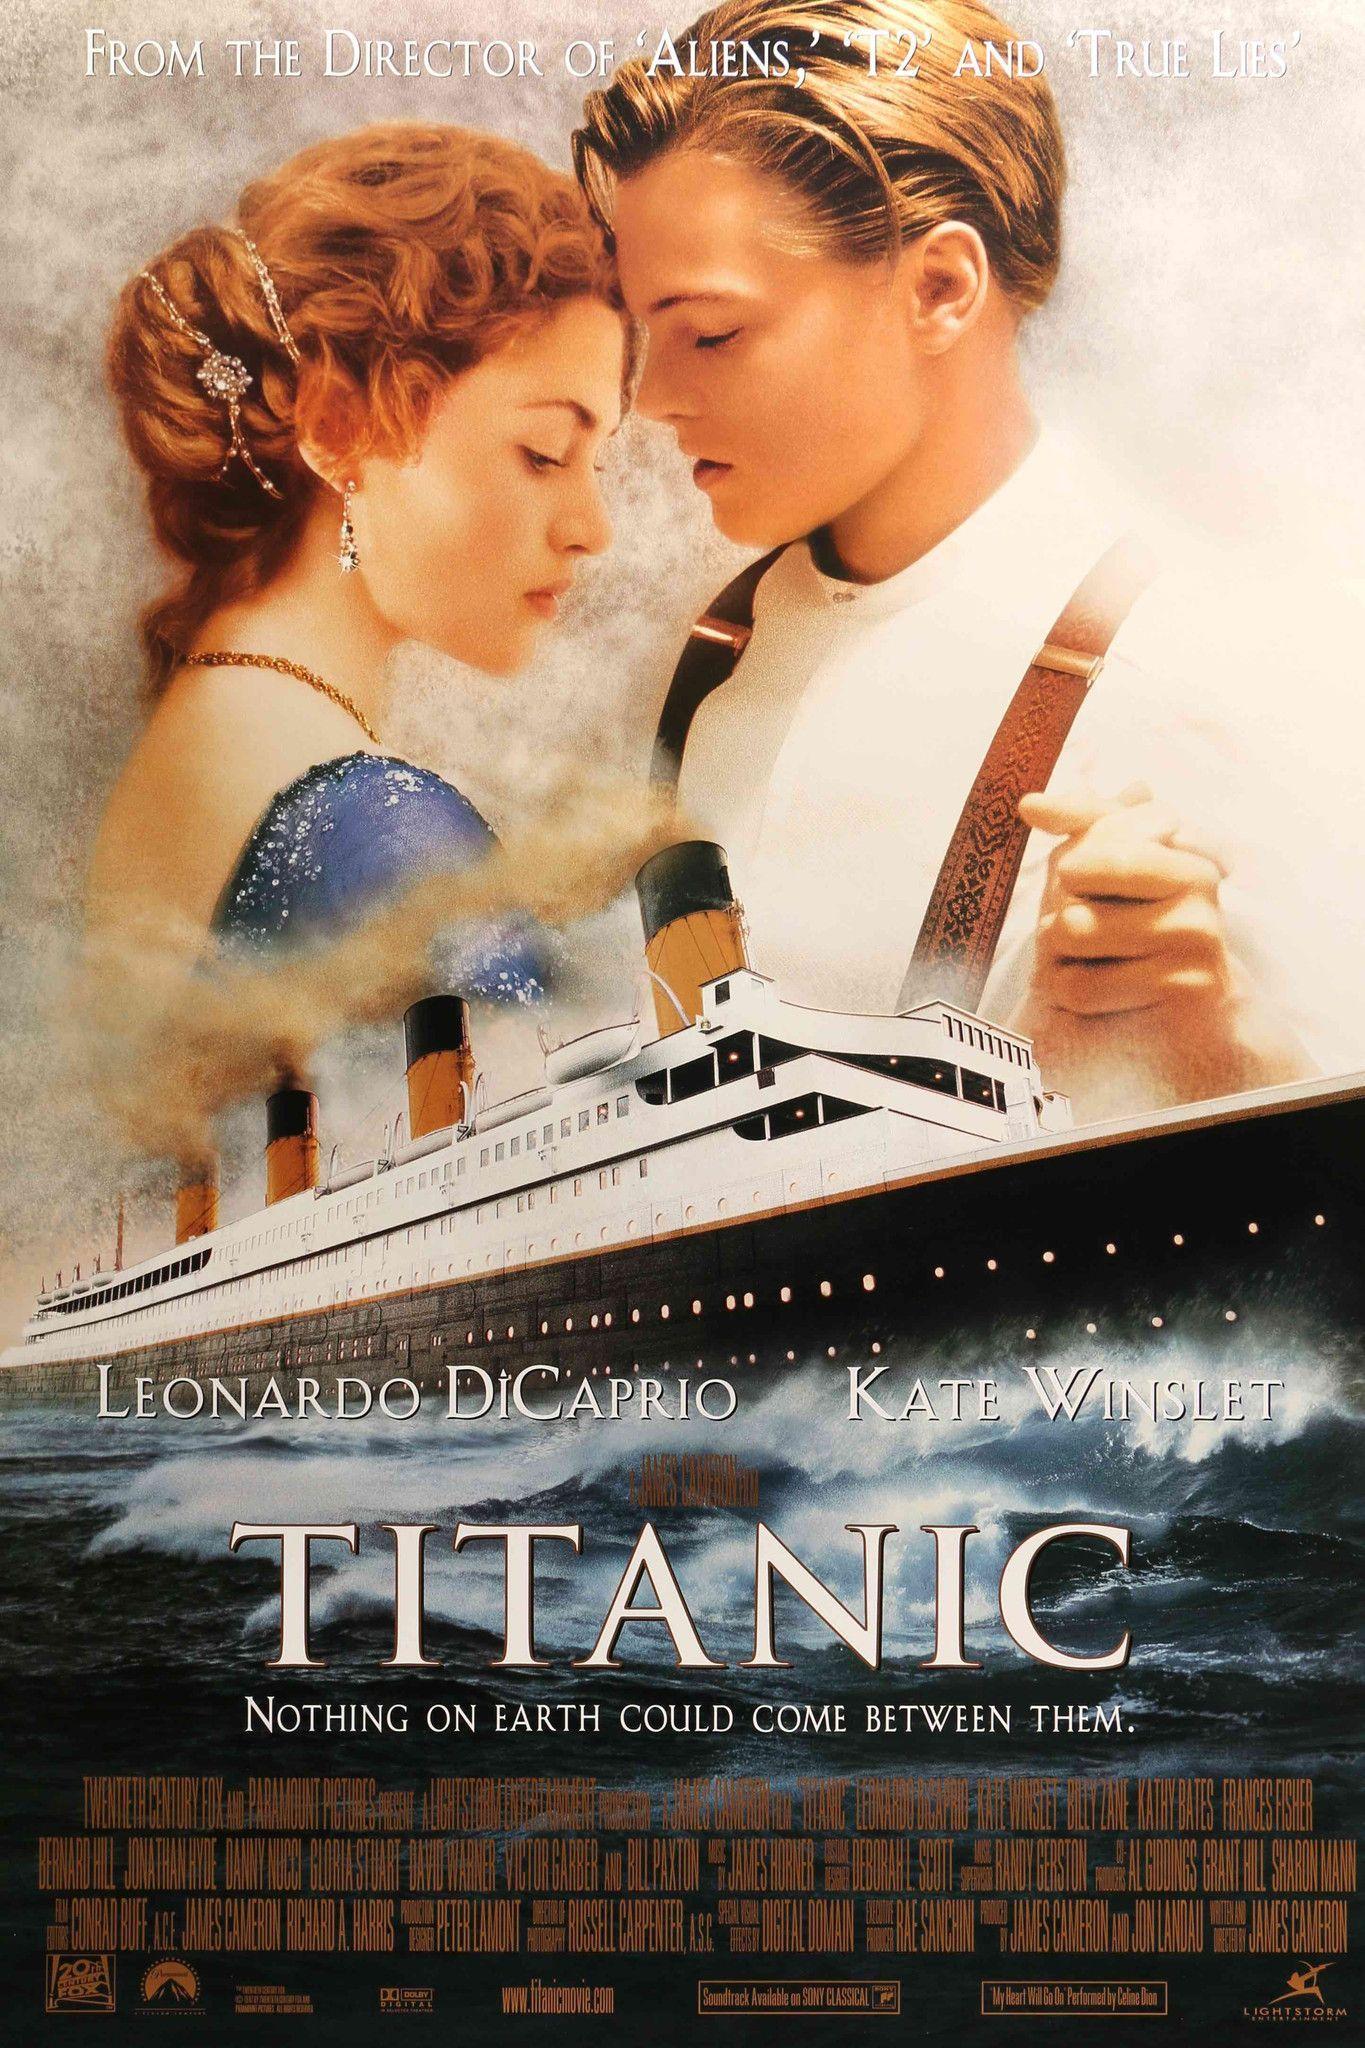 Titanic 1997 Titanic Movie Titanic Movie Poster Romantic Films